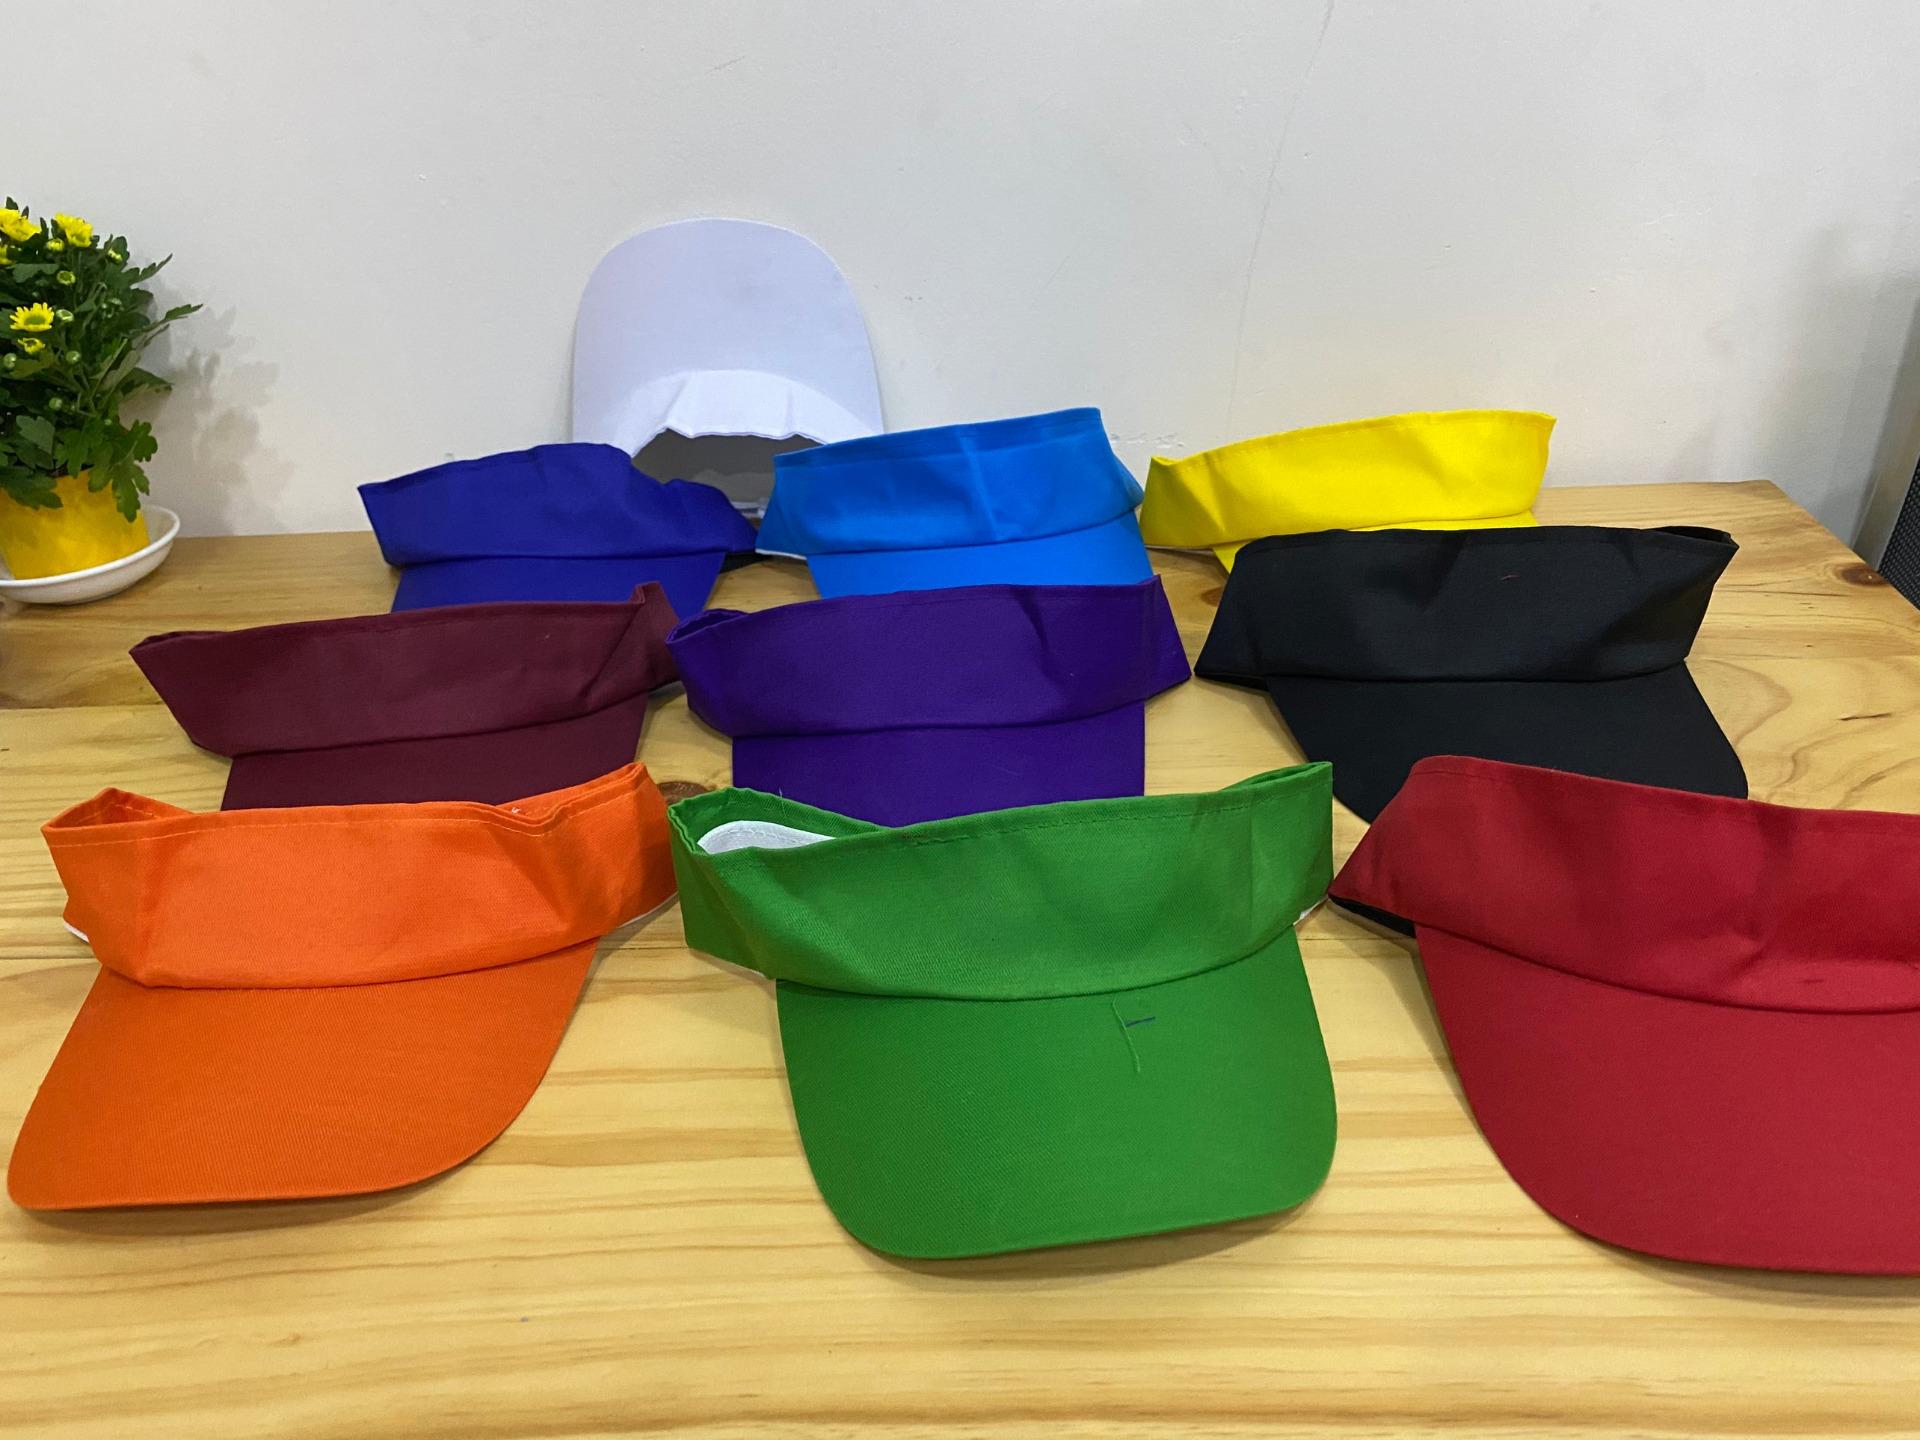 Xưởng may nón không chóp đồng phục nhân viên quán full 10 màu